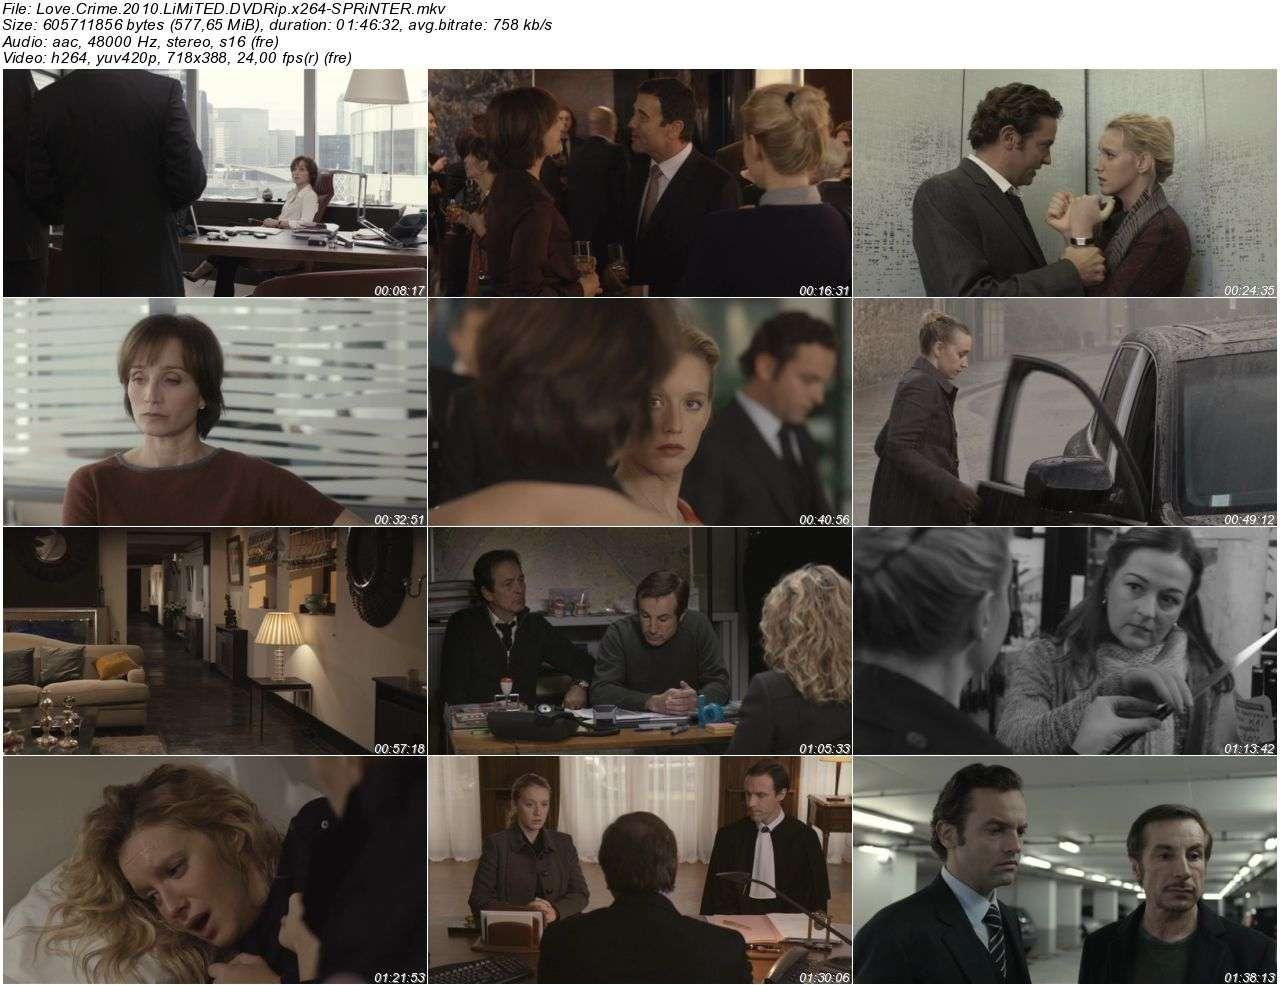 Aşk Suçu - 2010 DVDRip x264 - Türkçe Altyazılı Tek Link indir